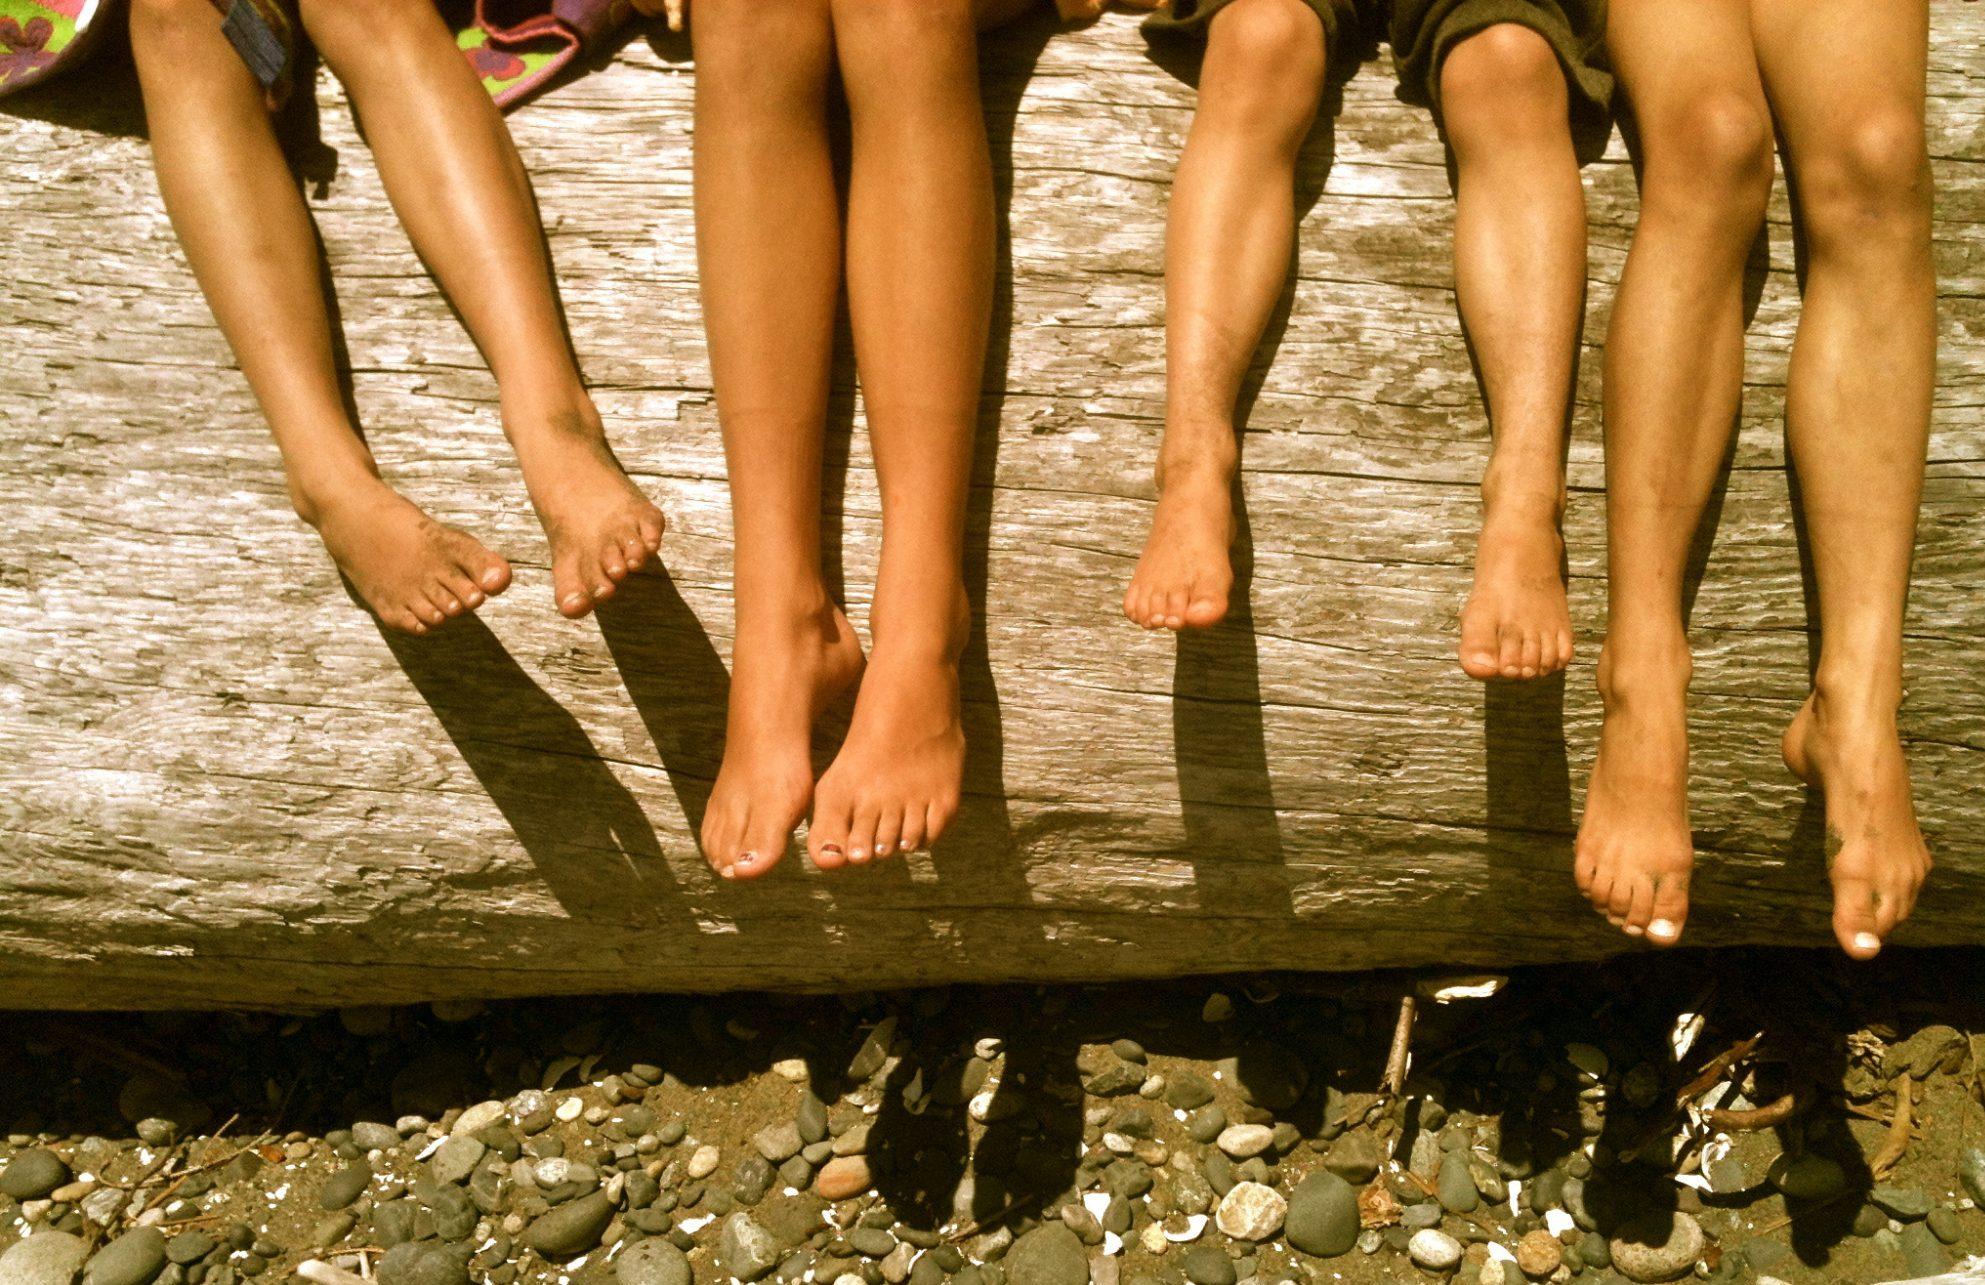 Nail Support, Evoke Body Care and Wellness, natural health, natural, healthy, fungus nails, eliminate nail fungus, athlete's foot, athlete foot, evoke aromatherapy, natural wellness, summer, nails, feet